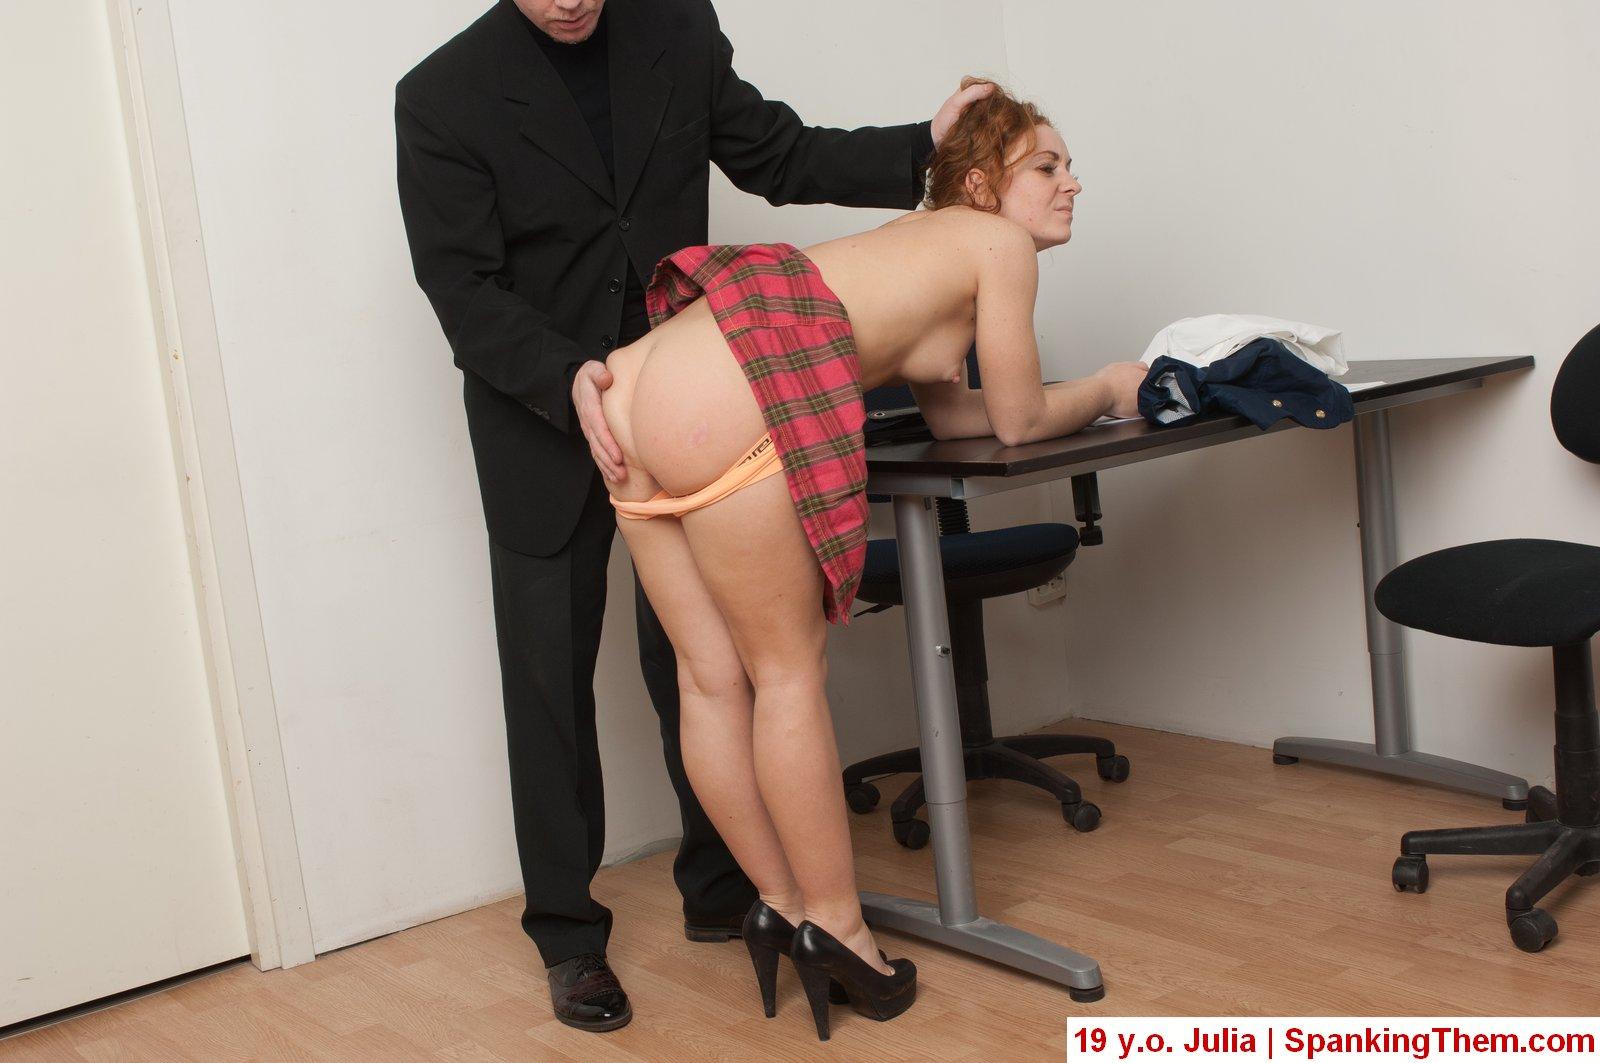 мечтательный босс наказал тупую секретаршу так молча протянул